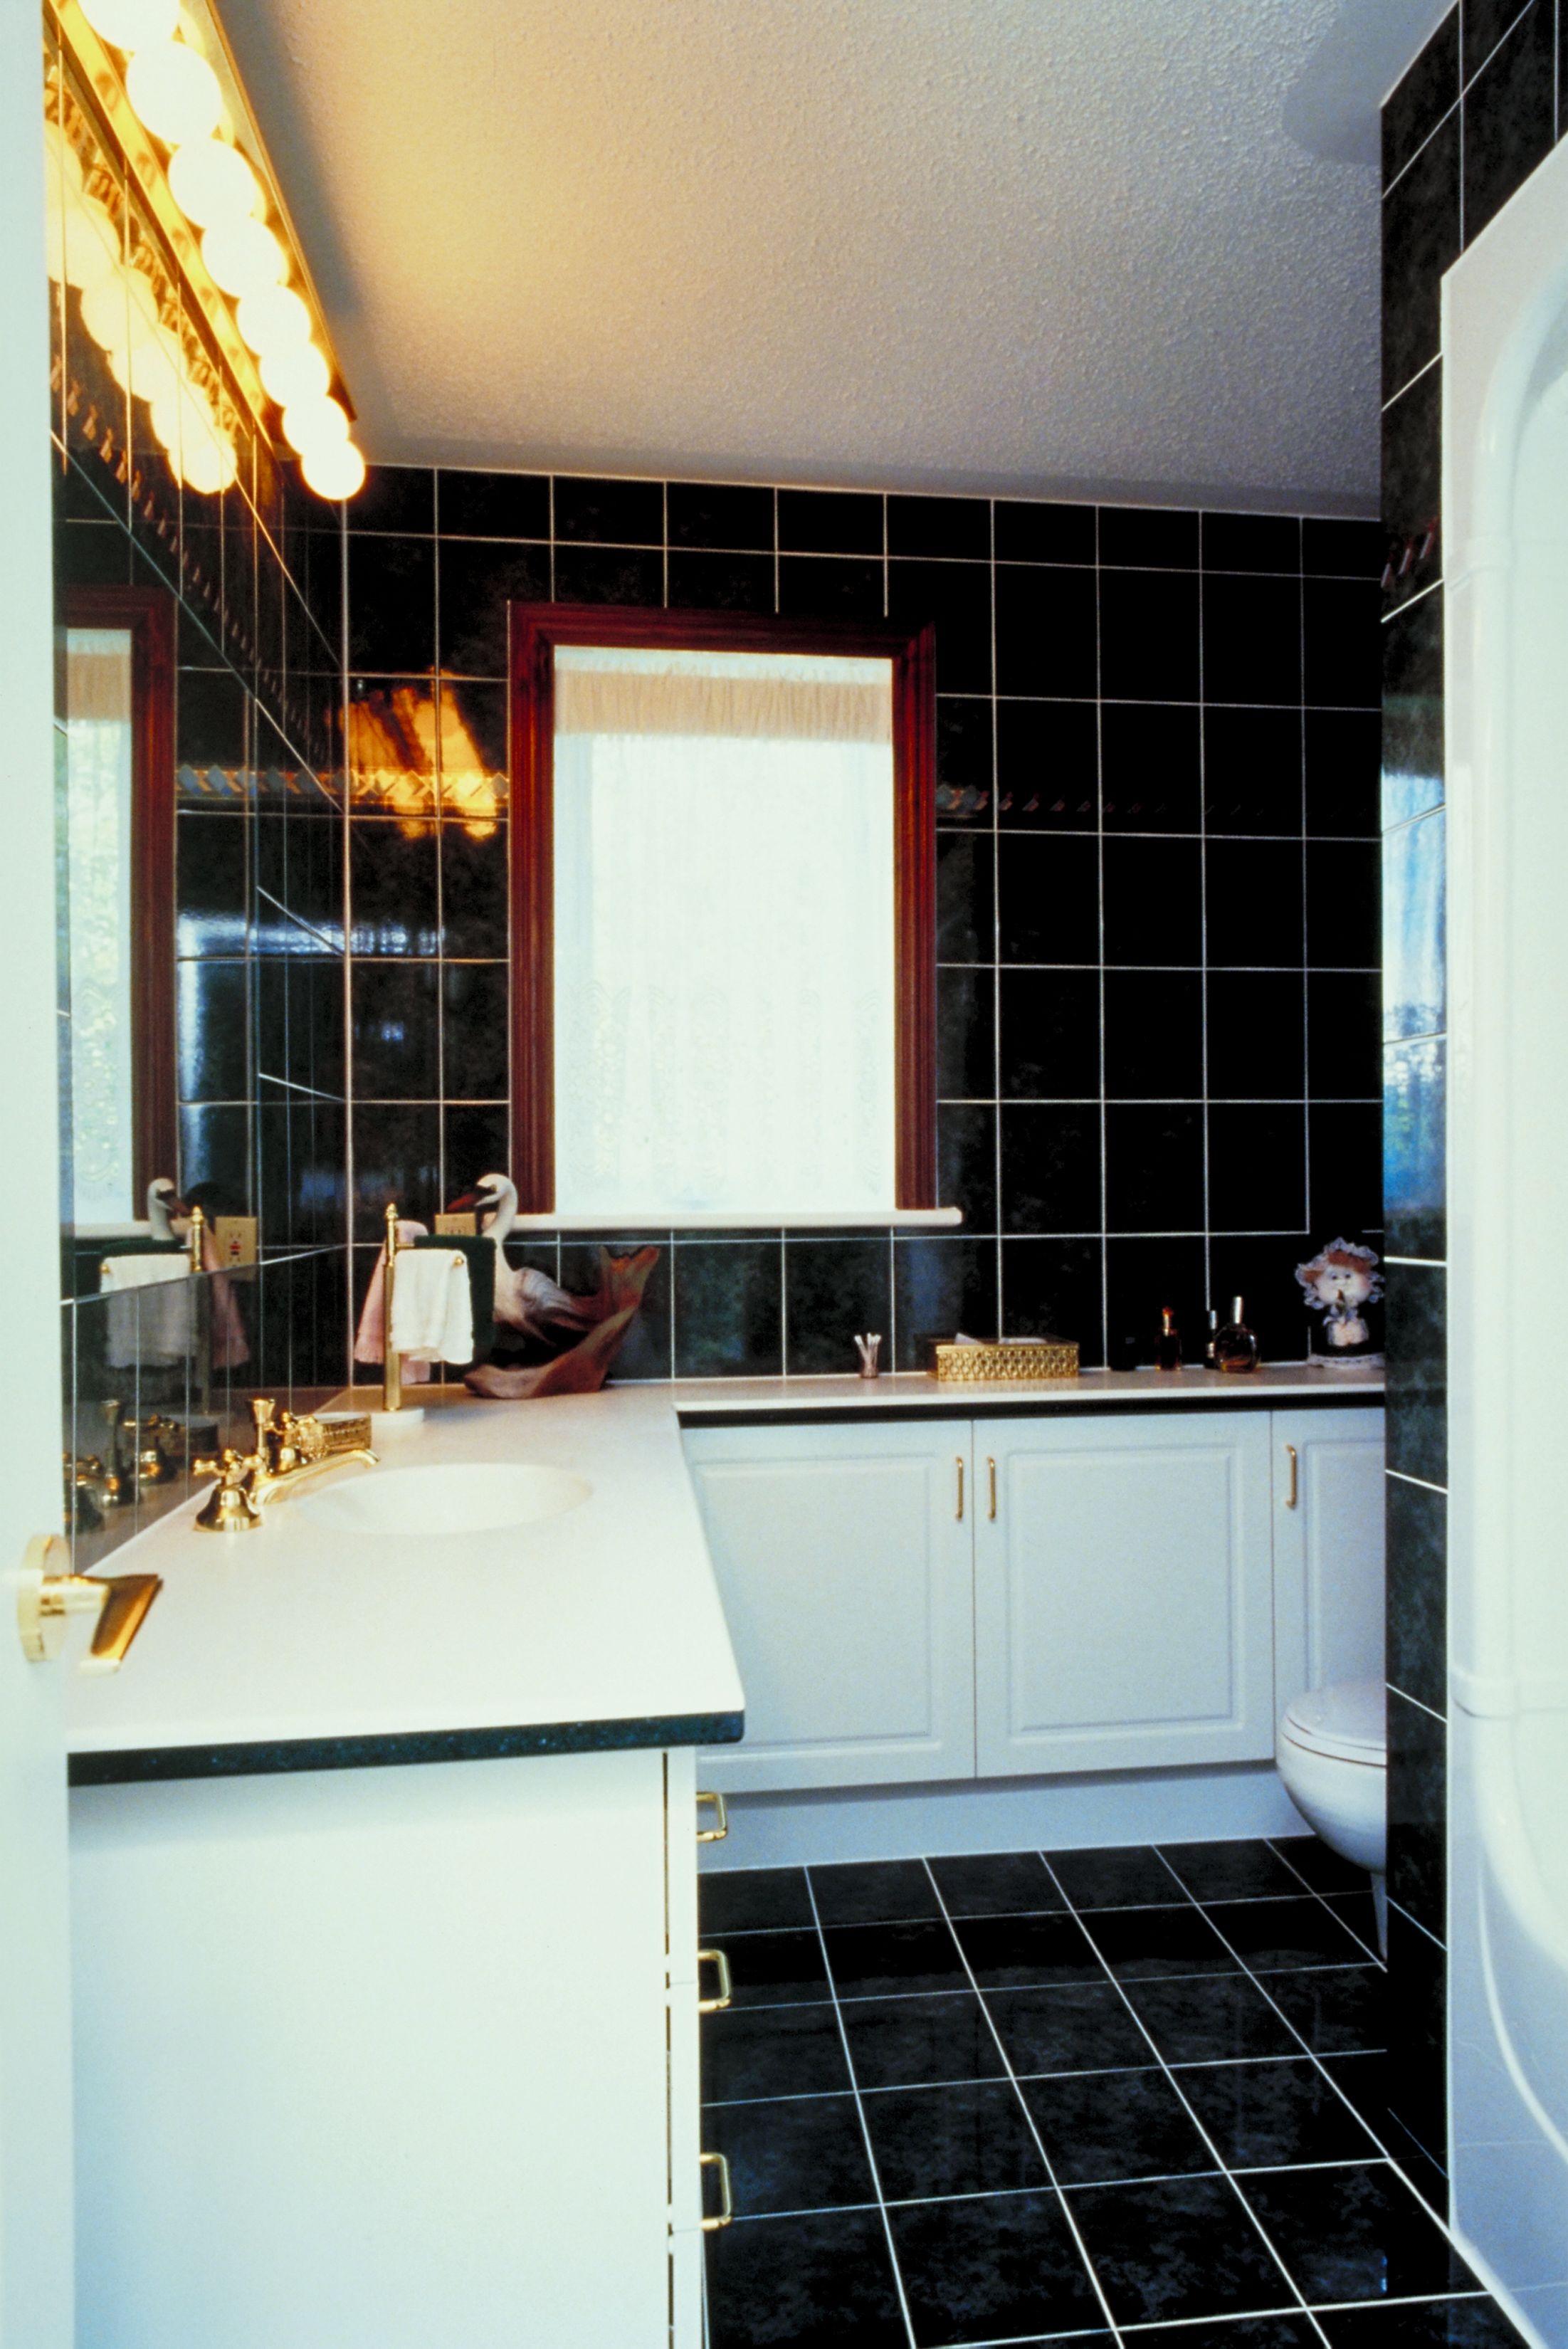 Limpiar azulejos cocina para queden brillantes perfect - Como limpiar los azulejos de la cocina muy sucios ...